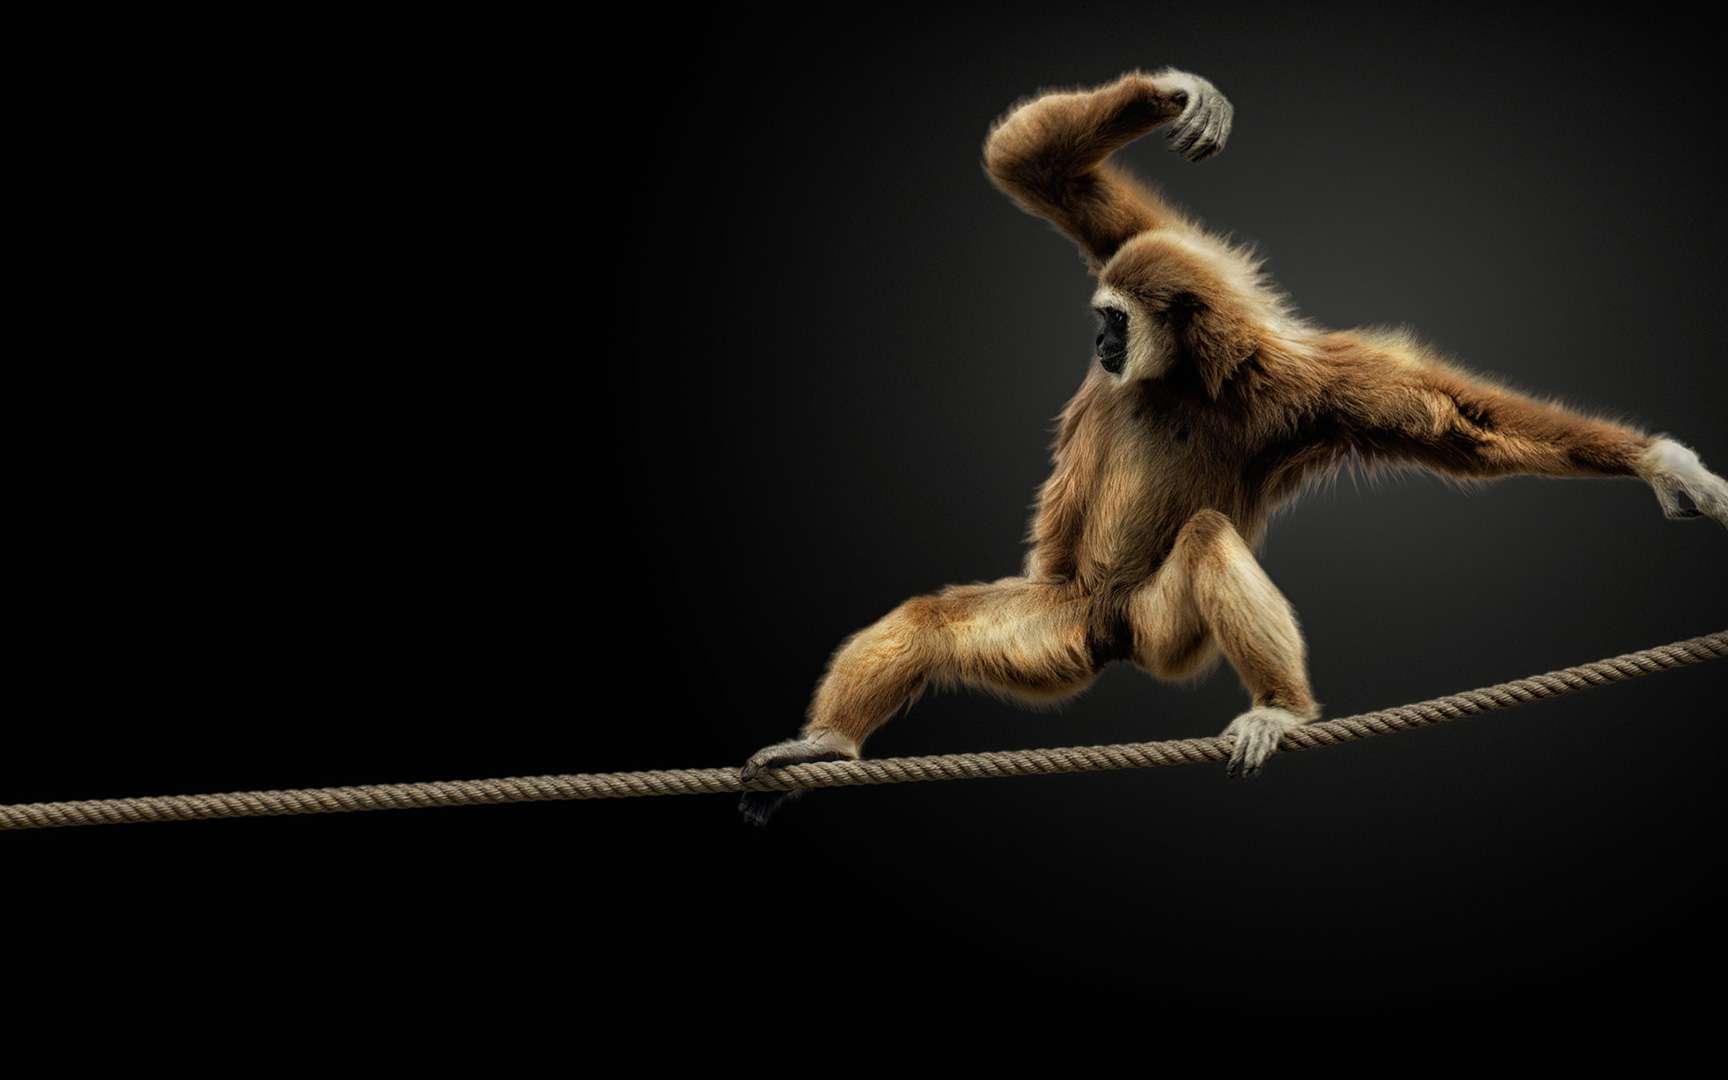 Les gibbons à mains blanches, Hylobates lar, ou tout simplement gibbons, sont des singes de la jungle du sud-est asiatique. Ils se déplacent de toutes sortes de manières, y compris par la marche bipède, par la course ou par le saut. Mais ils se caractérisent par leurs aptitudes acrobatiques particulières. Ils n'ont pas de queue et ont des bras longs et forts qui leur permettent de se déplacer entre les arbres. Ils font parfois des bons de 15 mètres.Ils forment des couples monogames. Et ils communiquent par des cris caractéristiques. Pour défendre leur territoire, les mâles chantent à l'unisson. © Pedro Jarque Krebs, reproduction interdite.